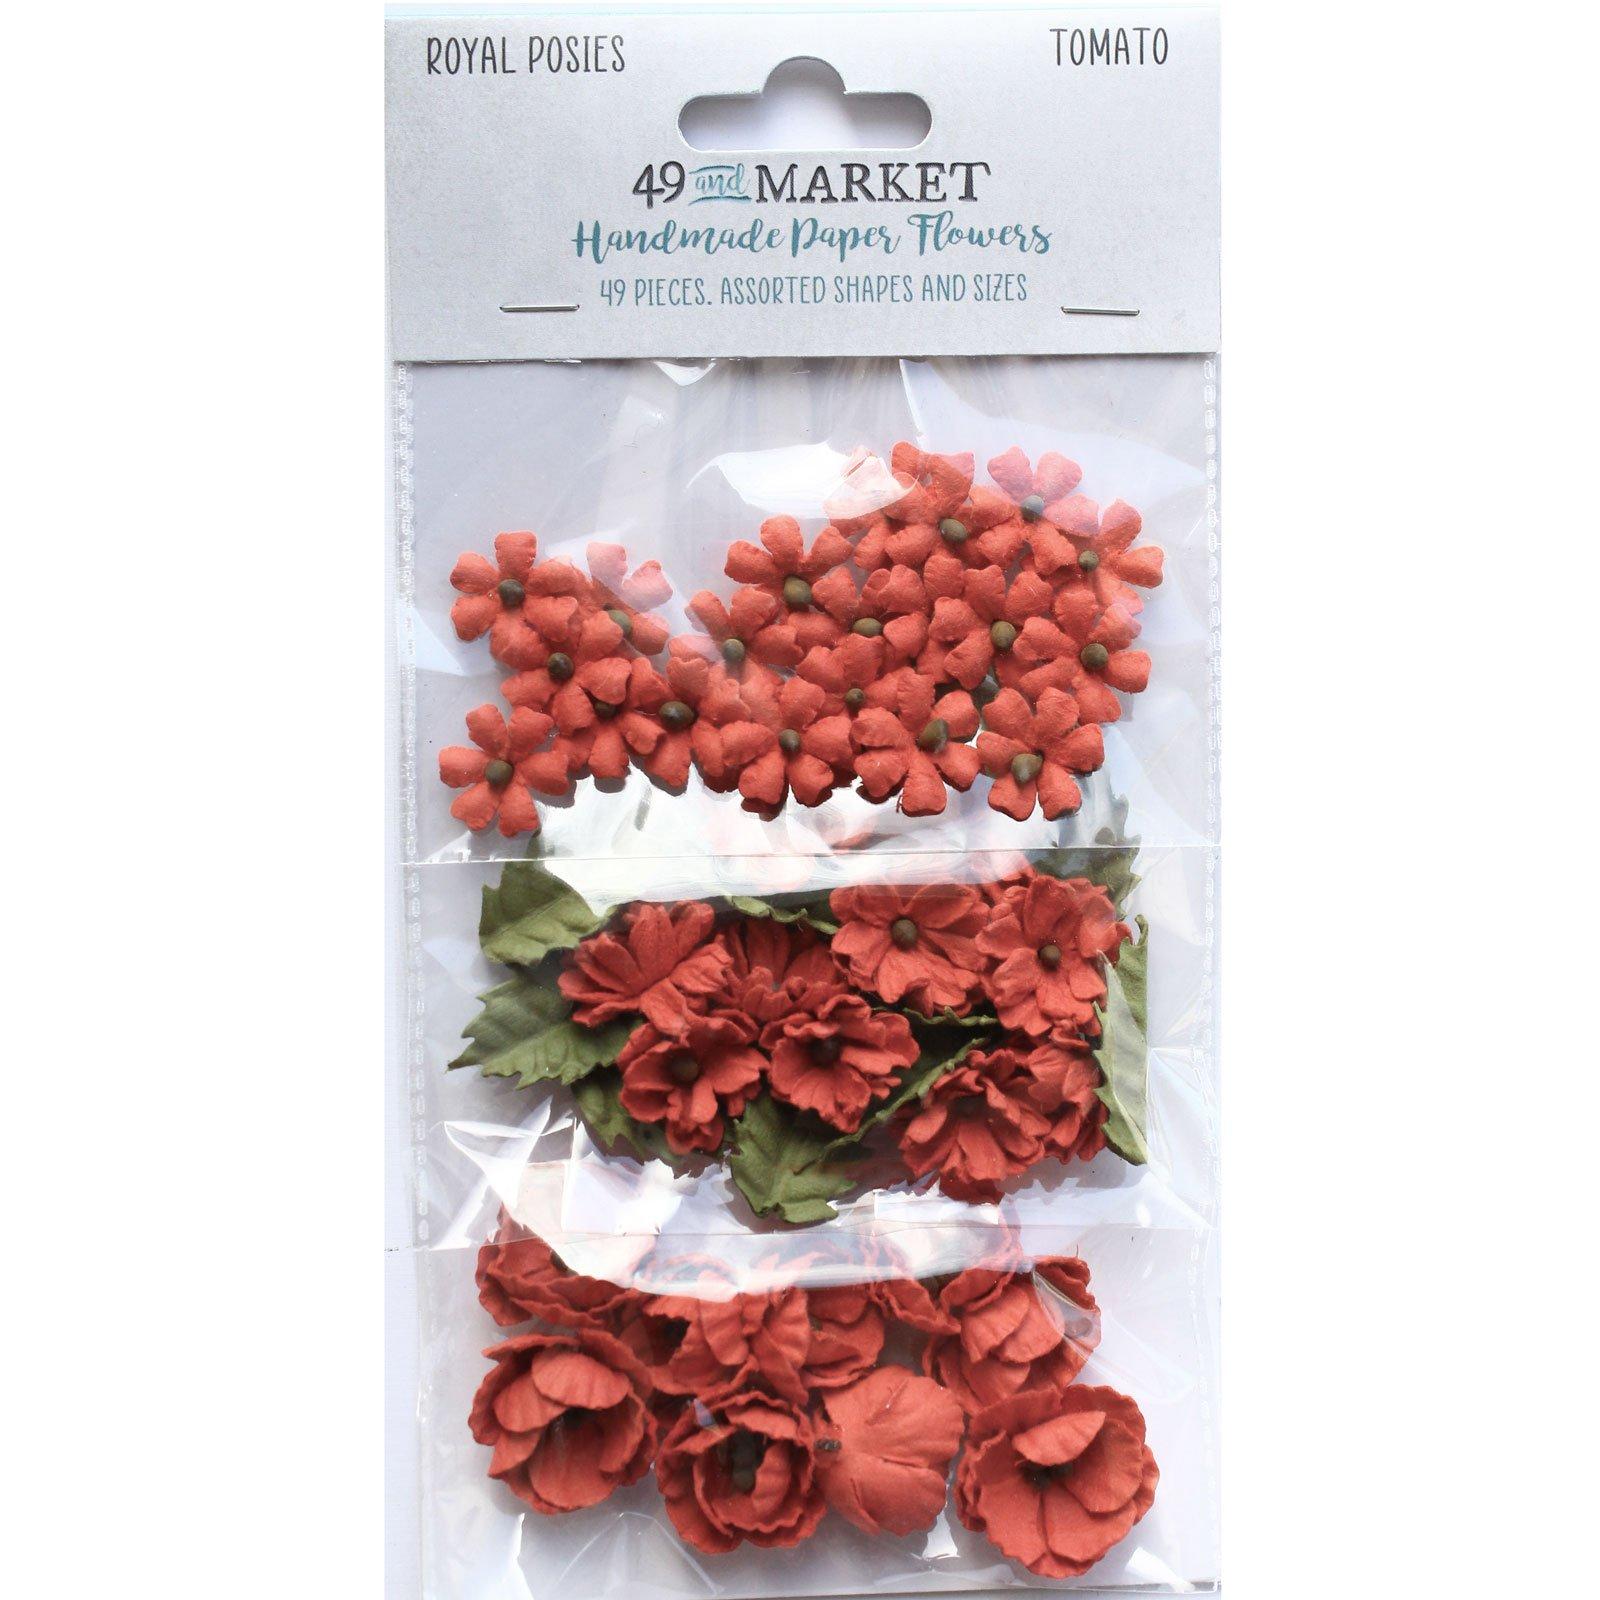 49th & Market - Royal Posies - Tomato